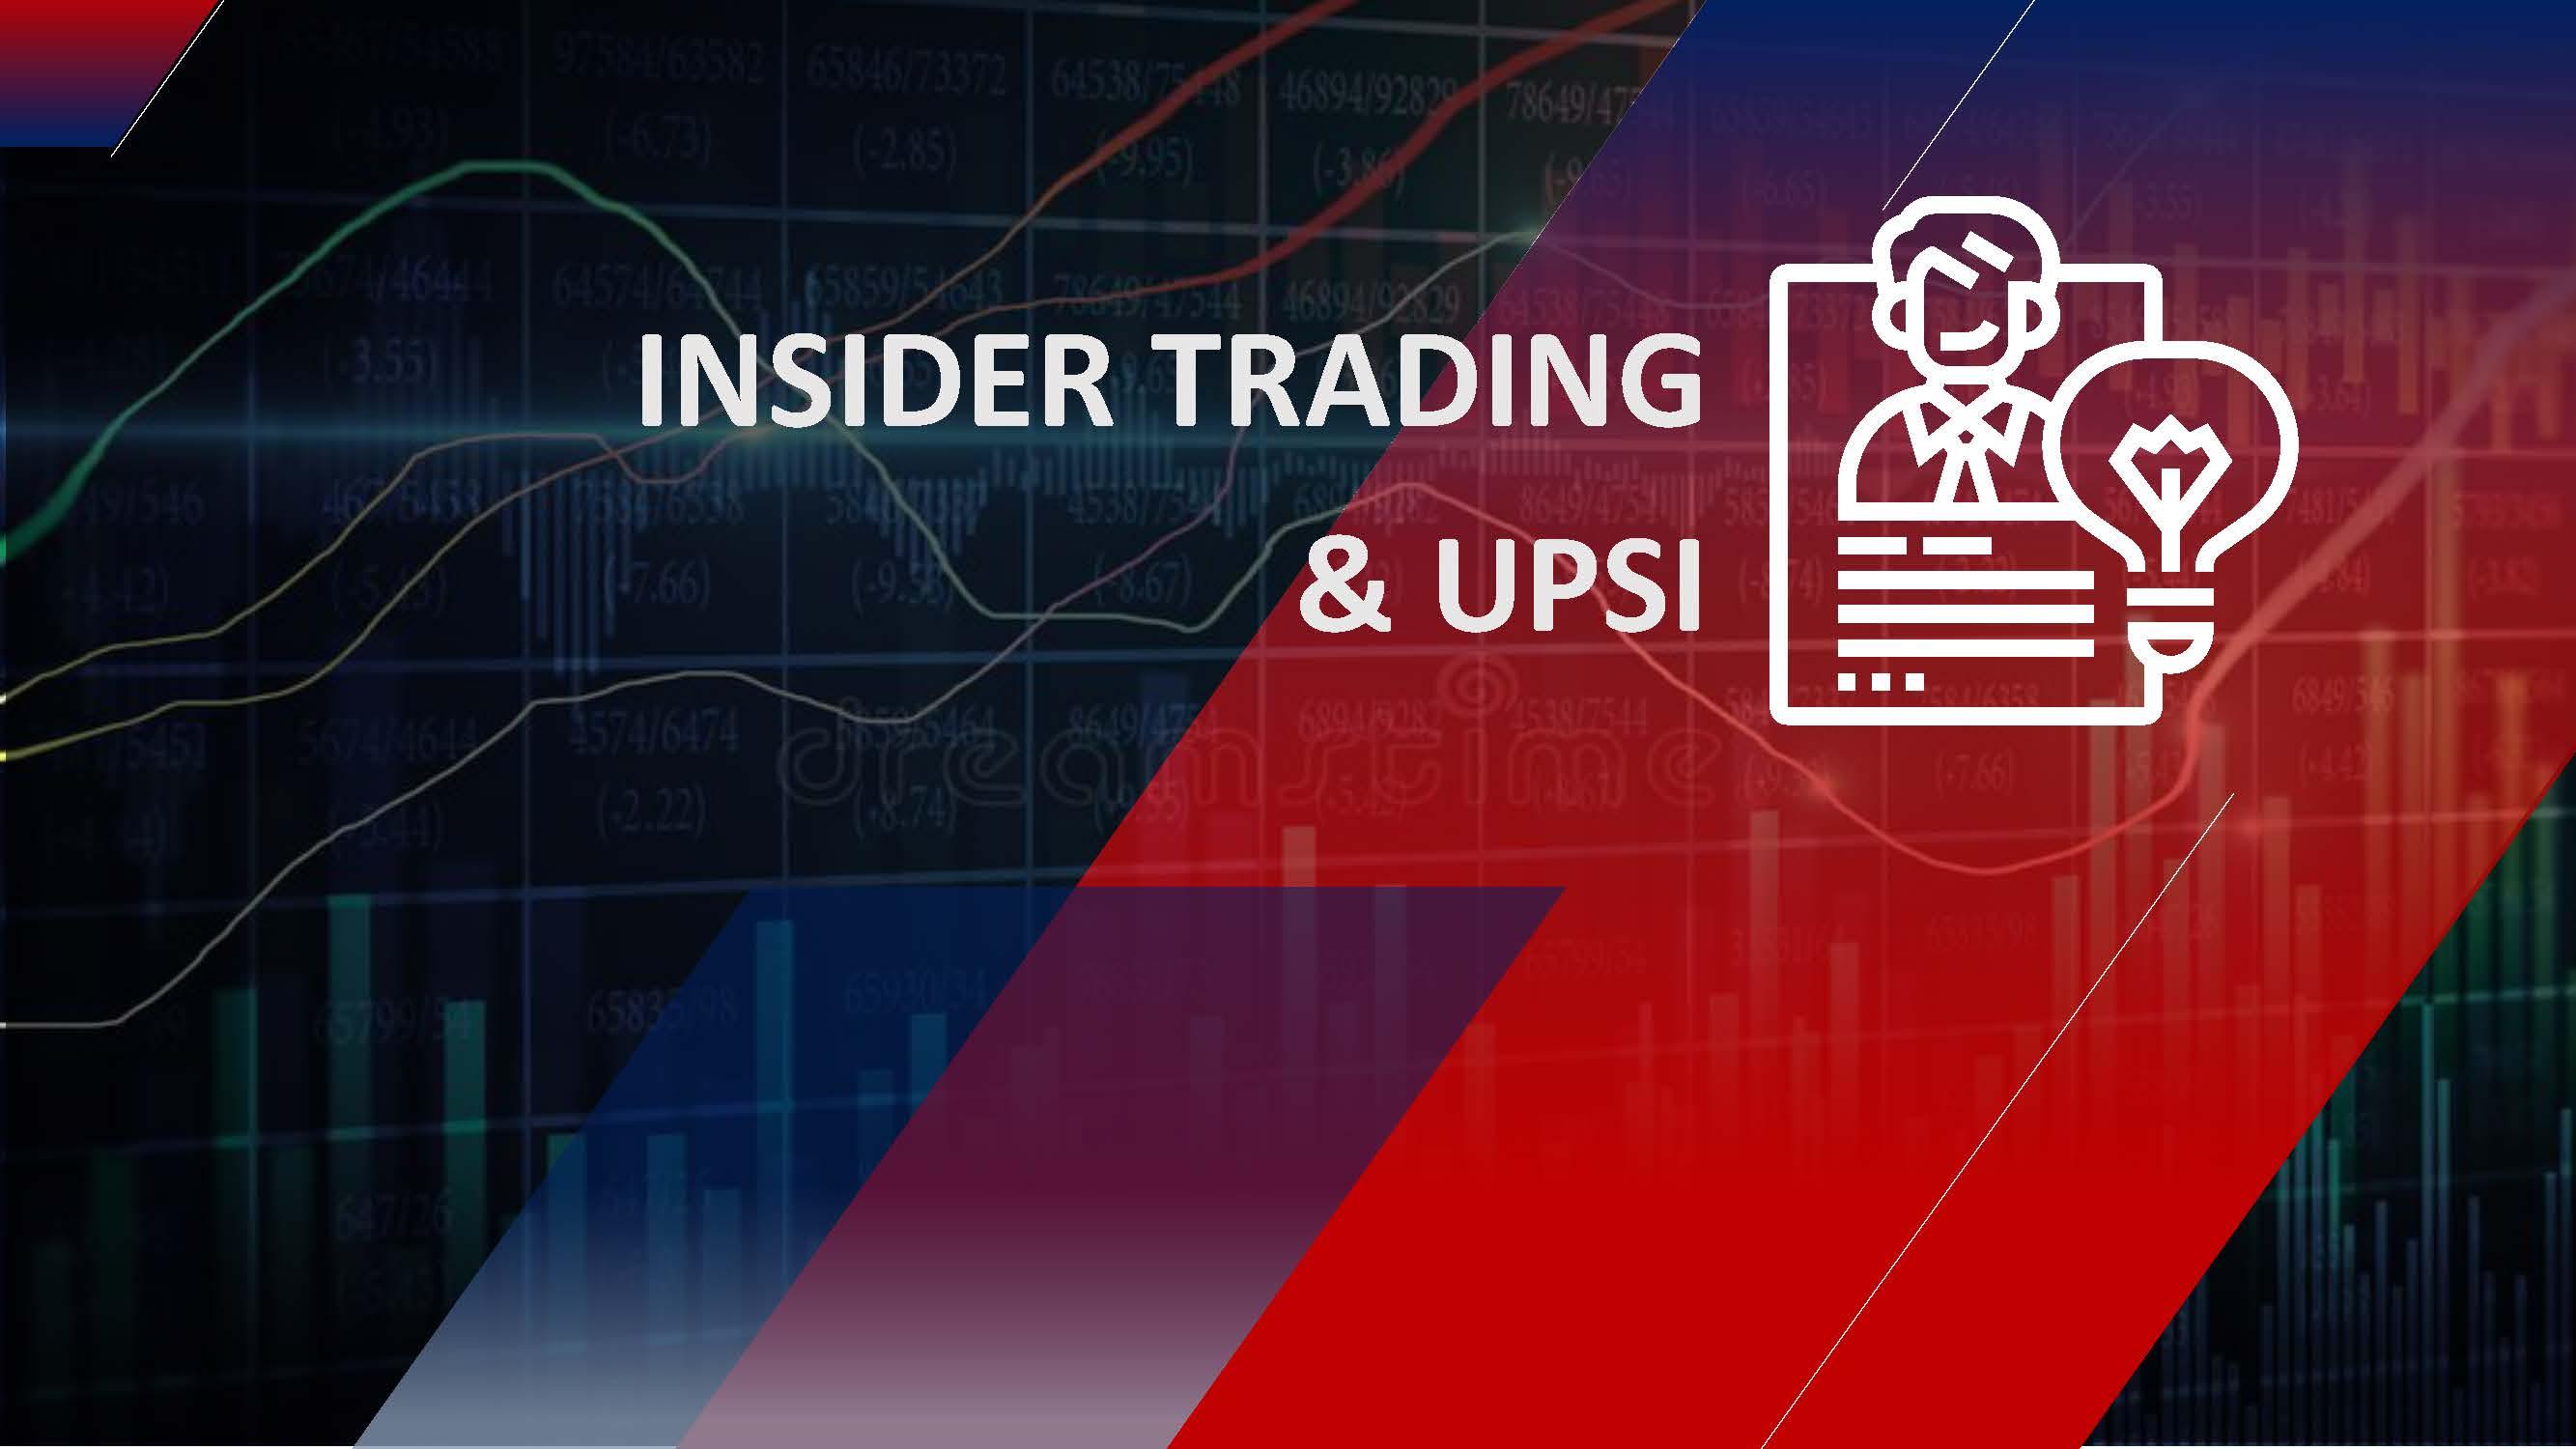 Insider Trading & UPSI